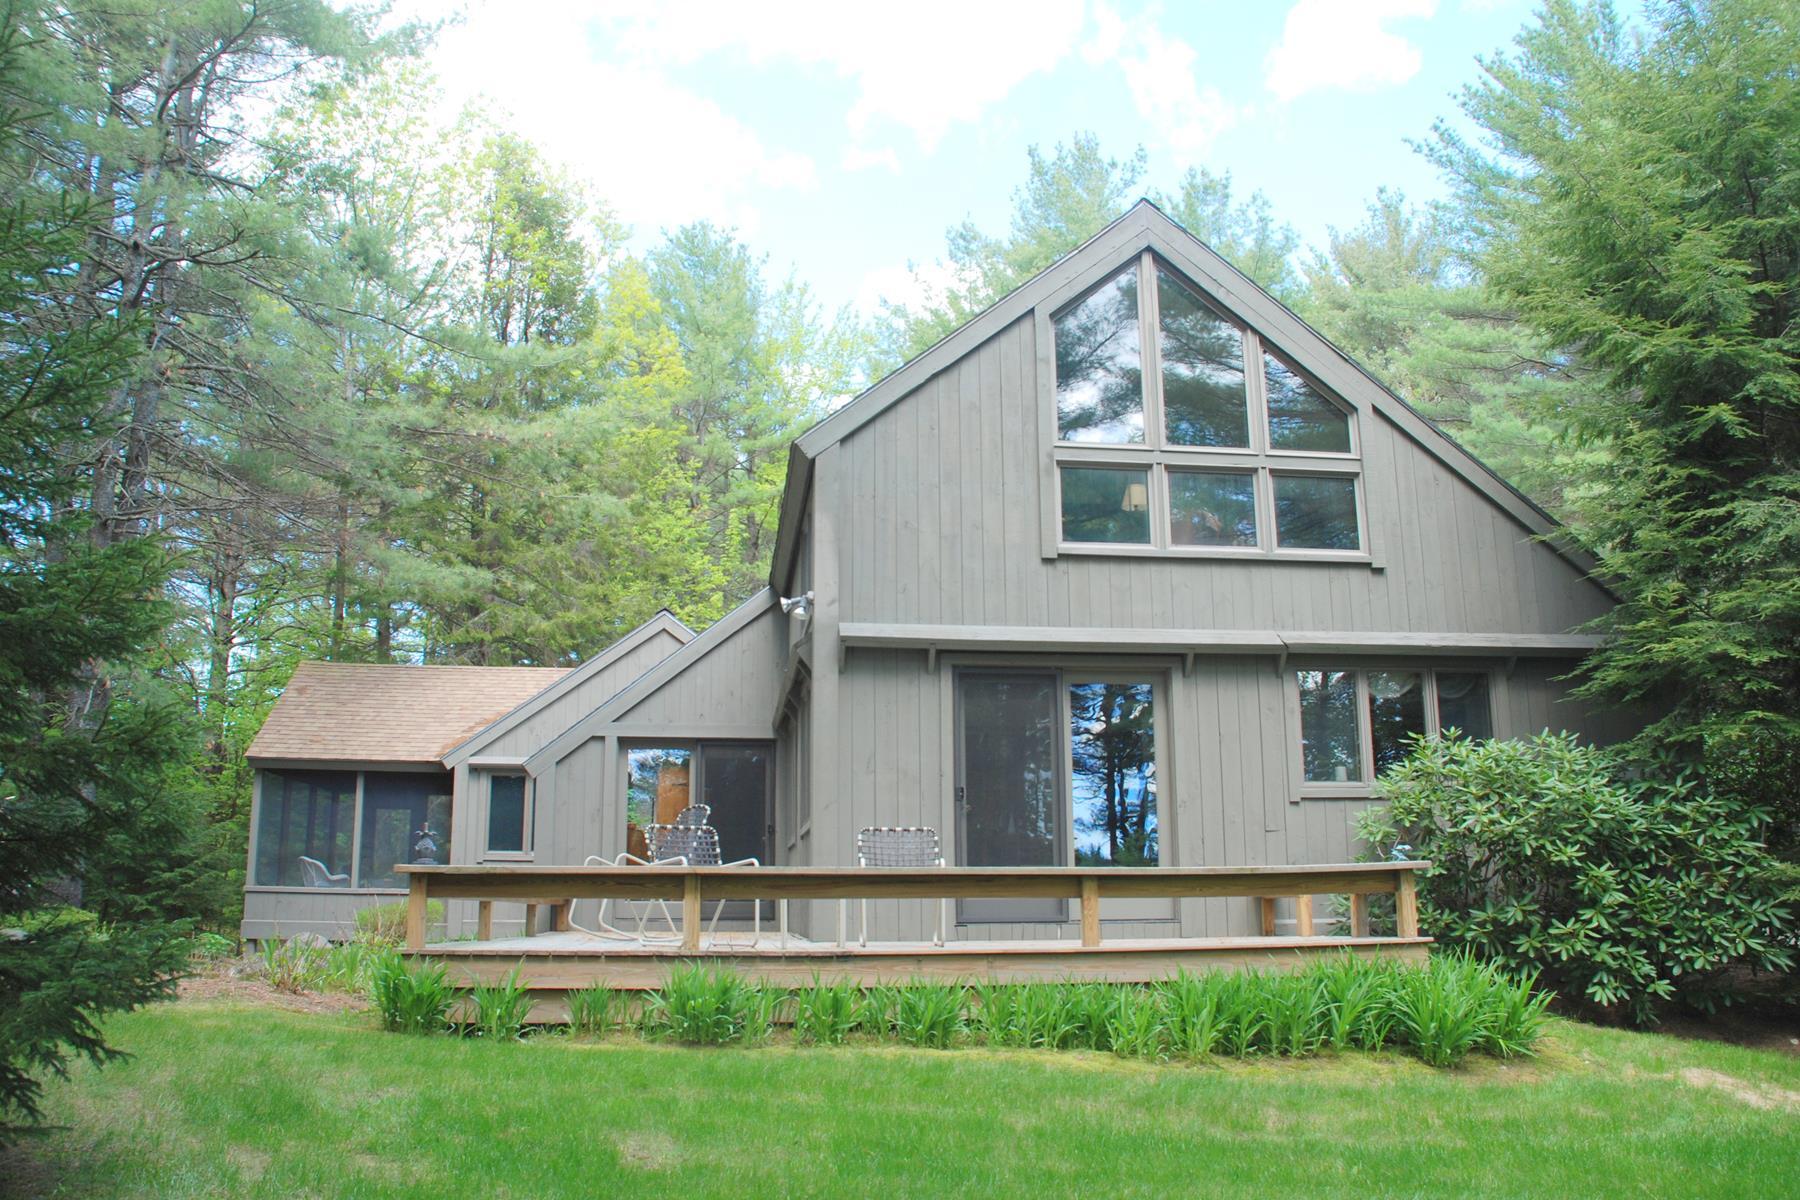 Villa per Vendita alle ore 1312 Little Sunapee Road, New London 1312 Little Sunapee Rd New London, New Hampshire, 03257 Stati Uniti